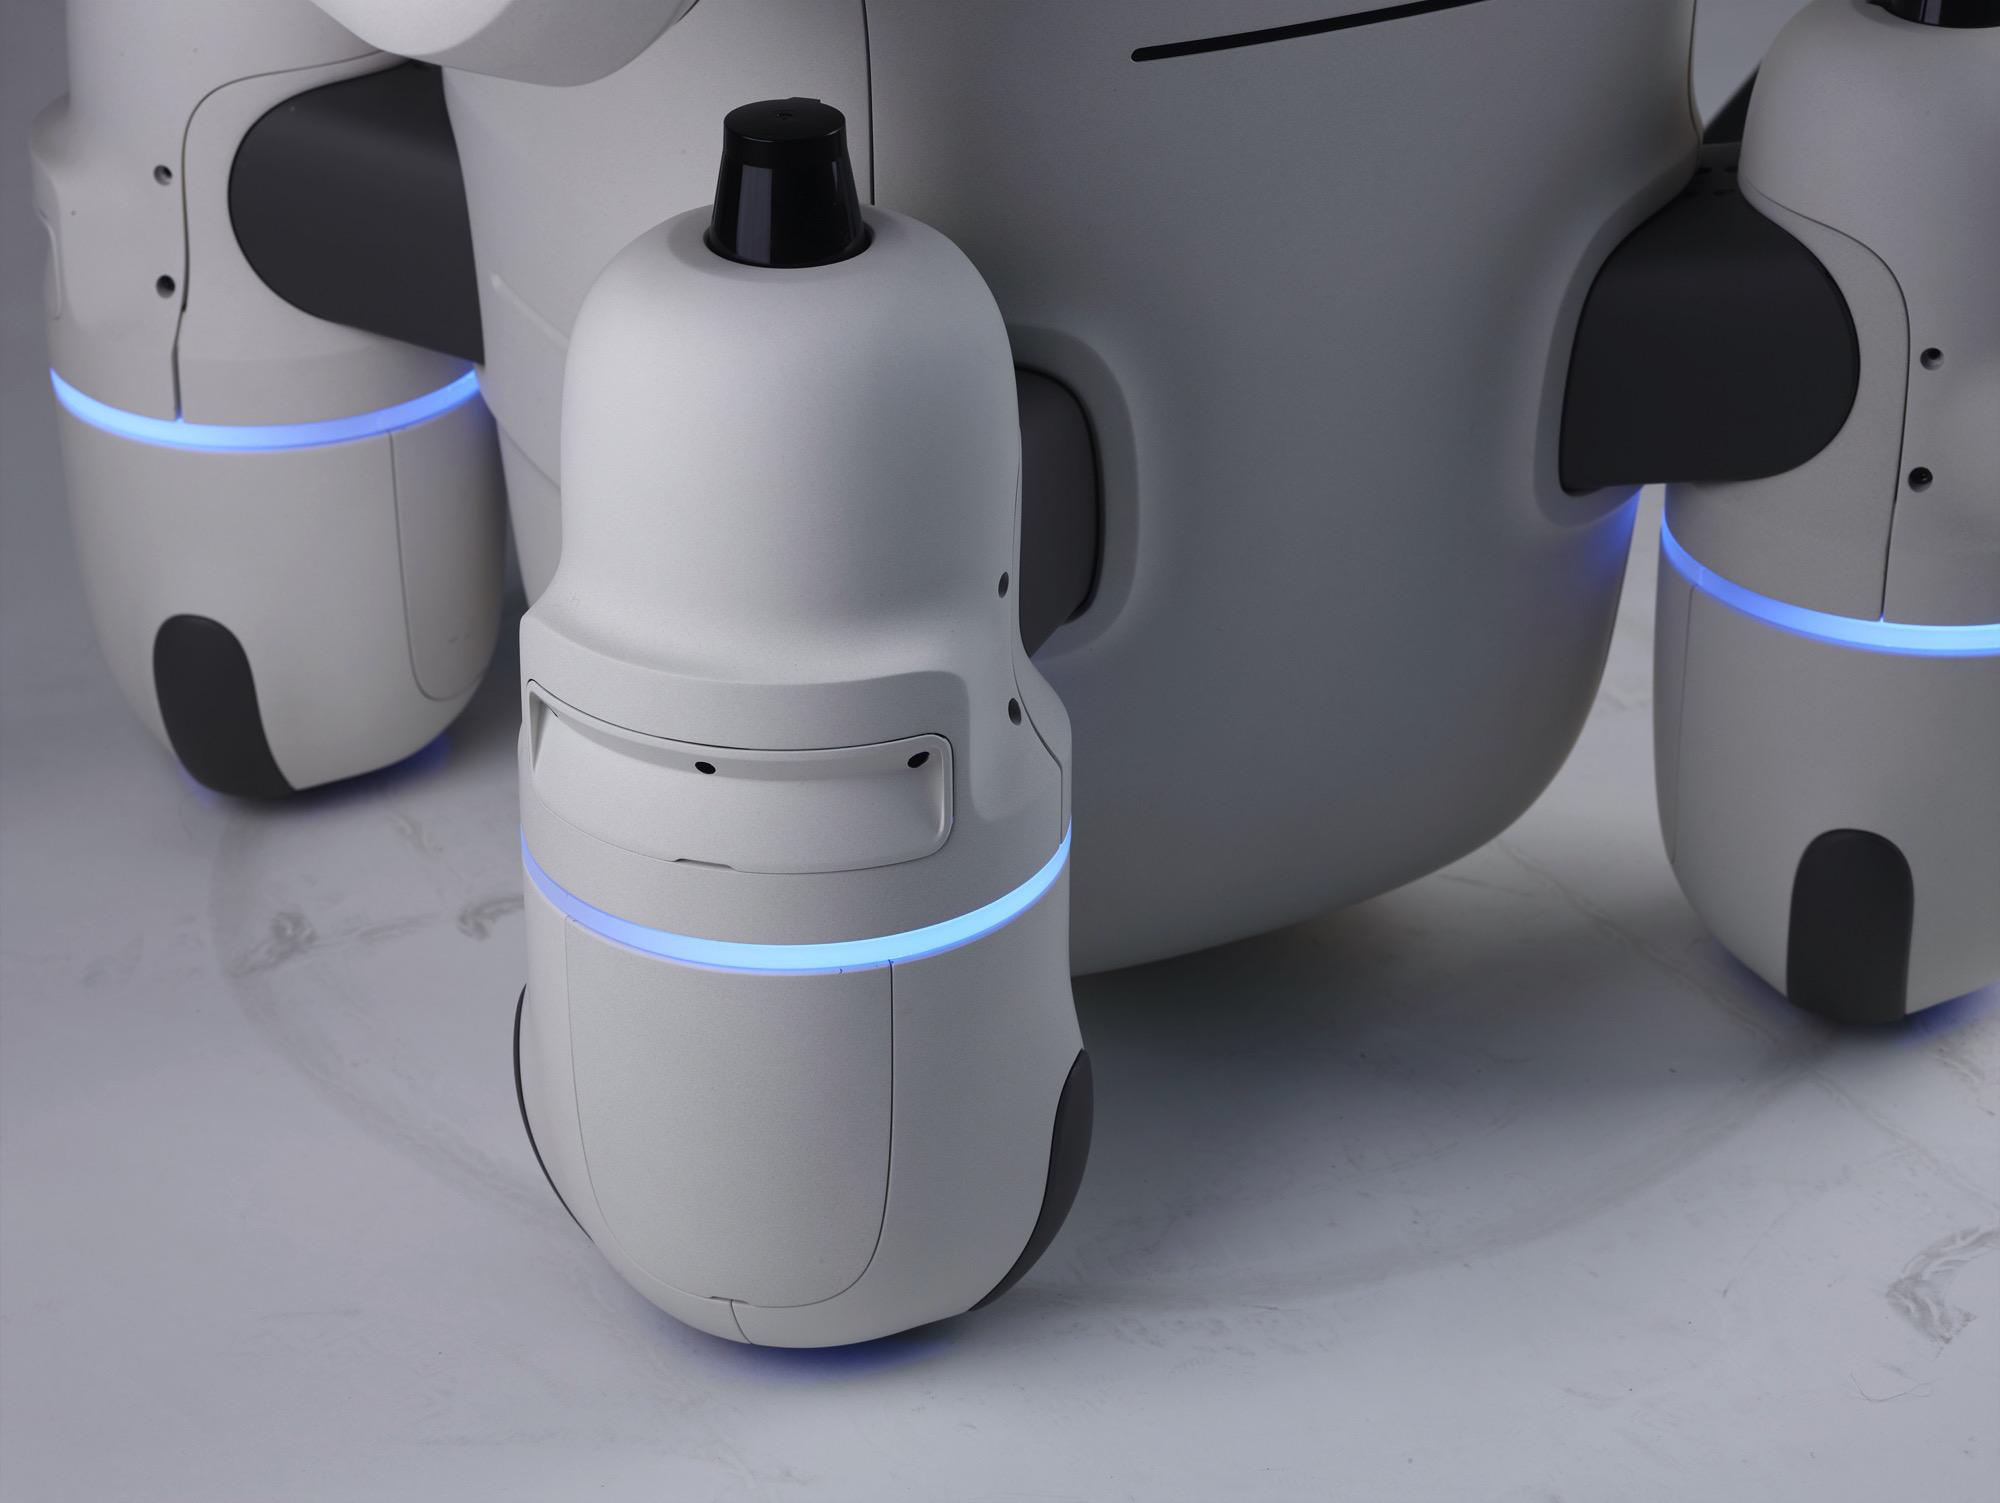 現代DAL-e客戶服務機器人的各種新聞圖片。